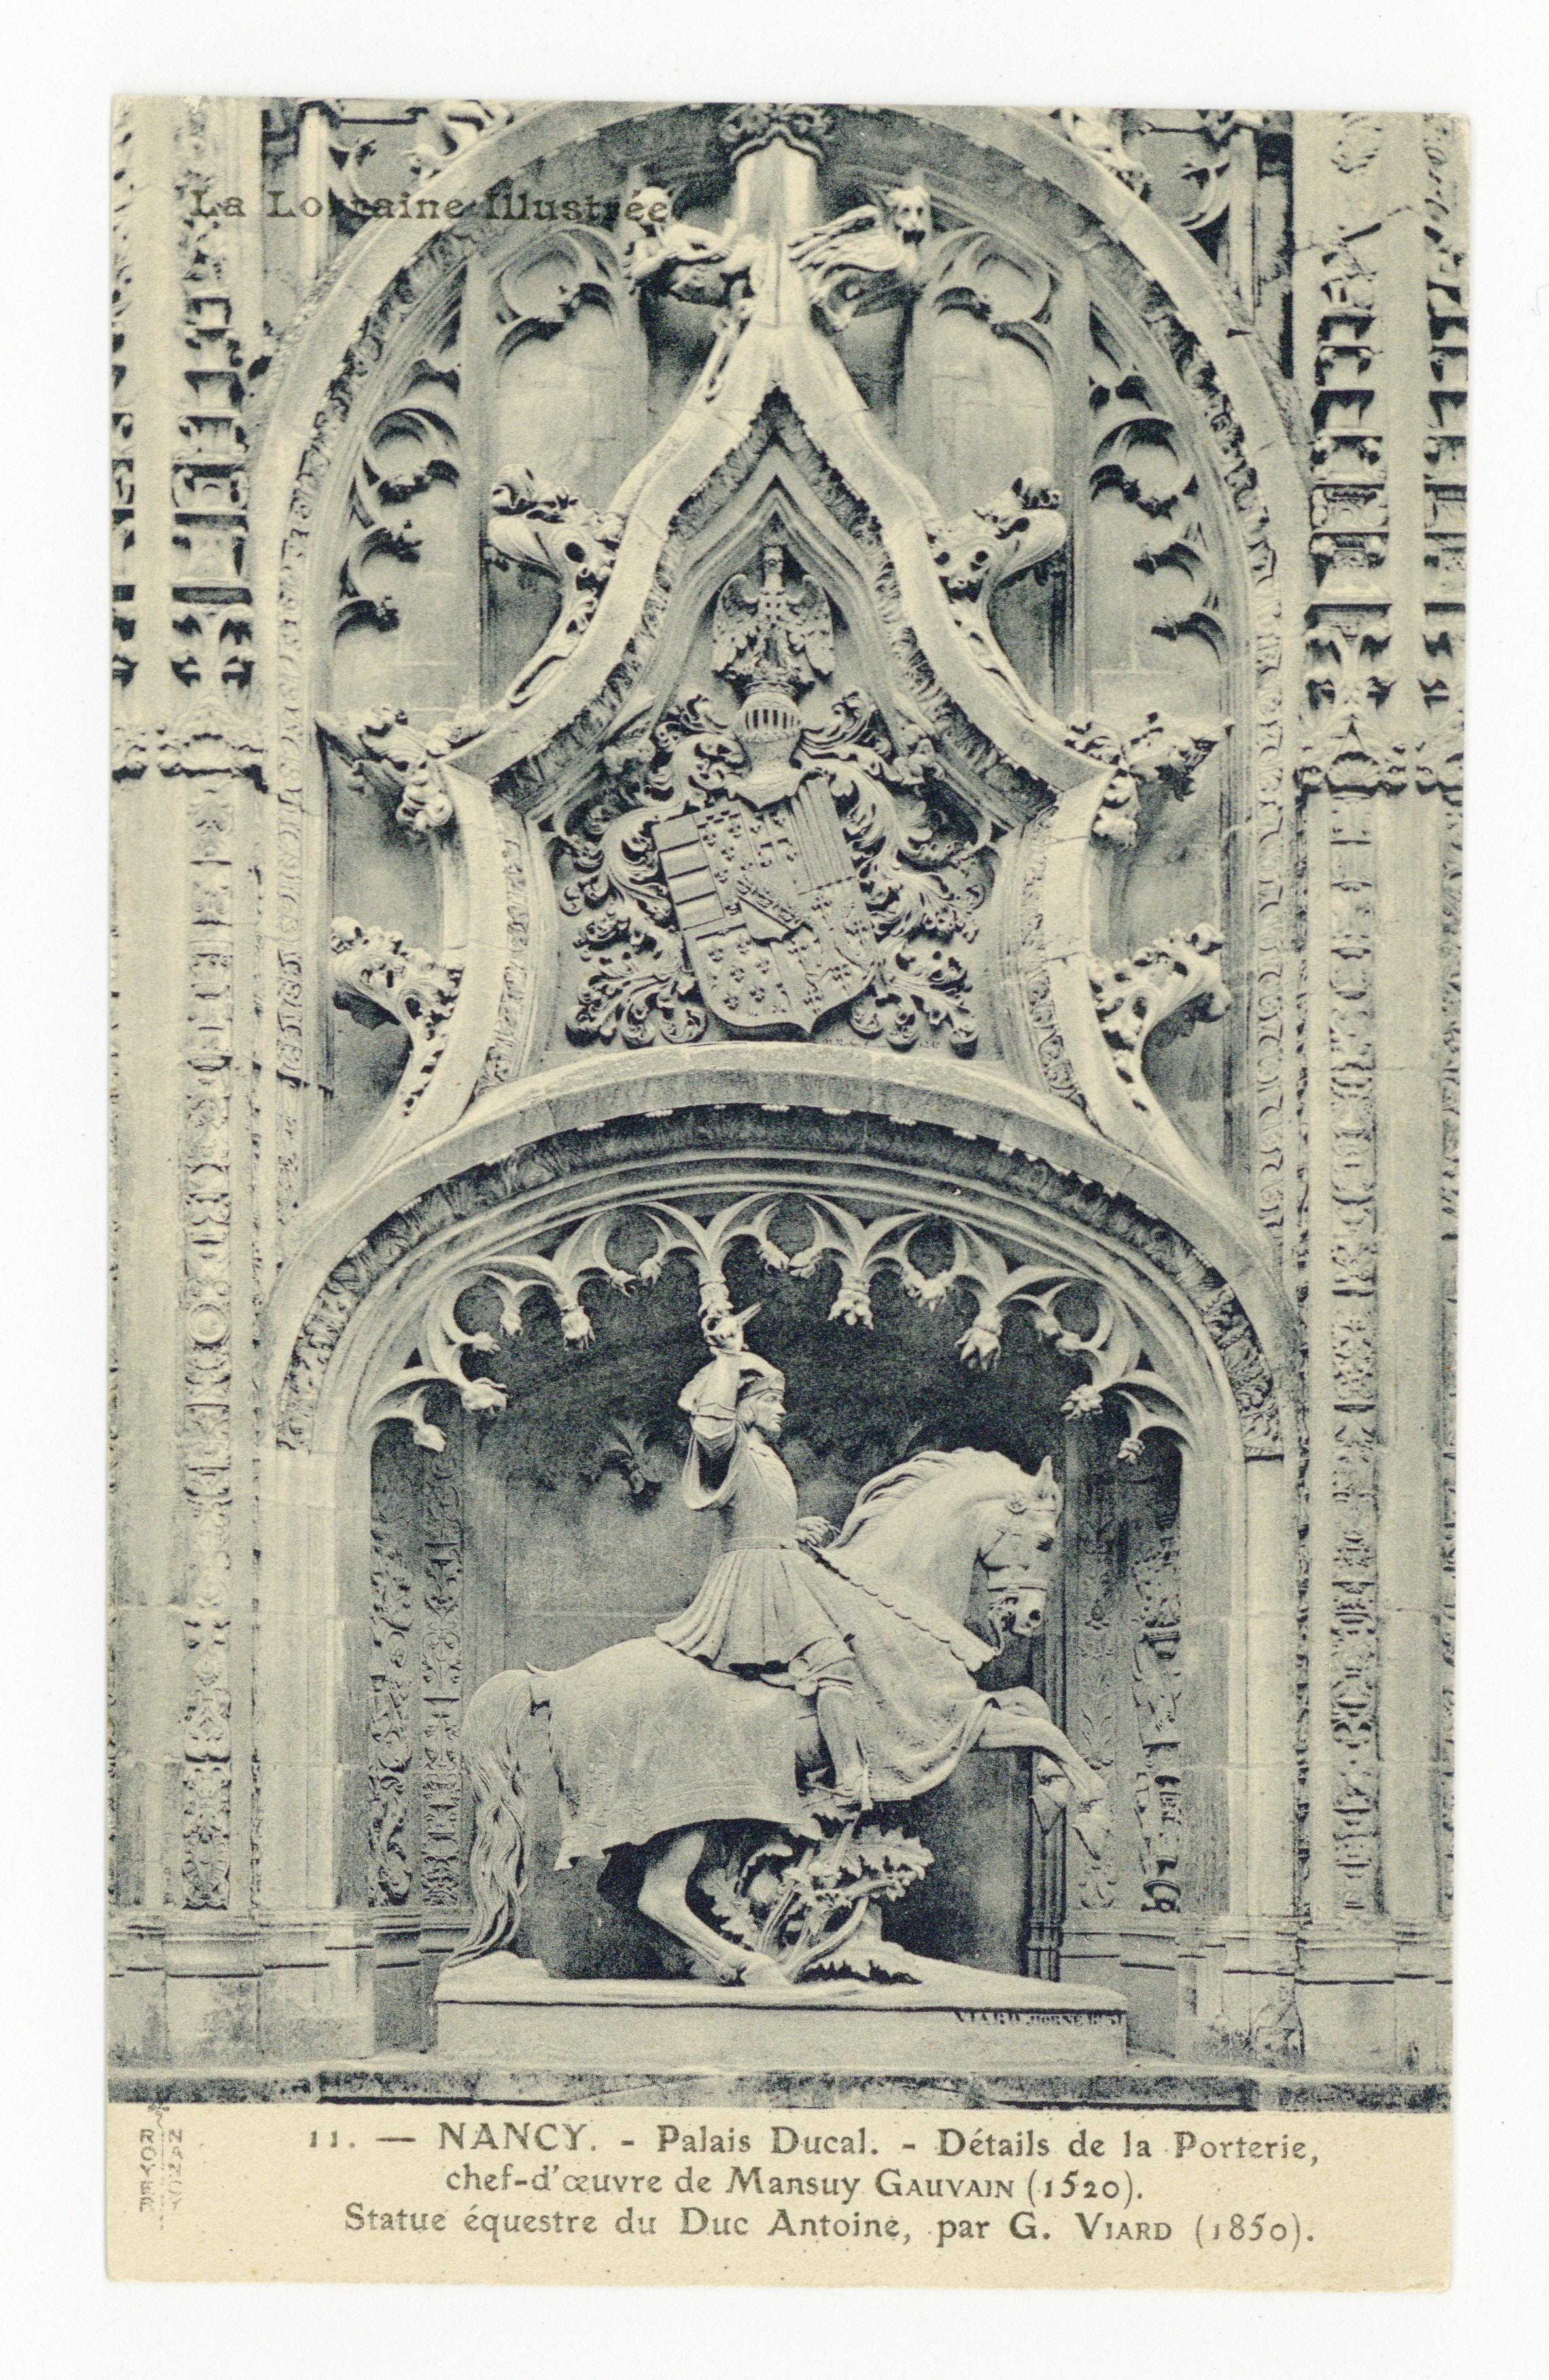 Contenu du Nancy. Palais Ducal. Détails de la Porterie, chef-d'œuvre de Mansuy GAUVAIN (1520). Statue équestre du Duc Antoine, par G. Viard (1850). La Lorraine illustrée